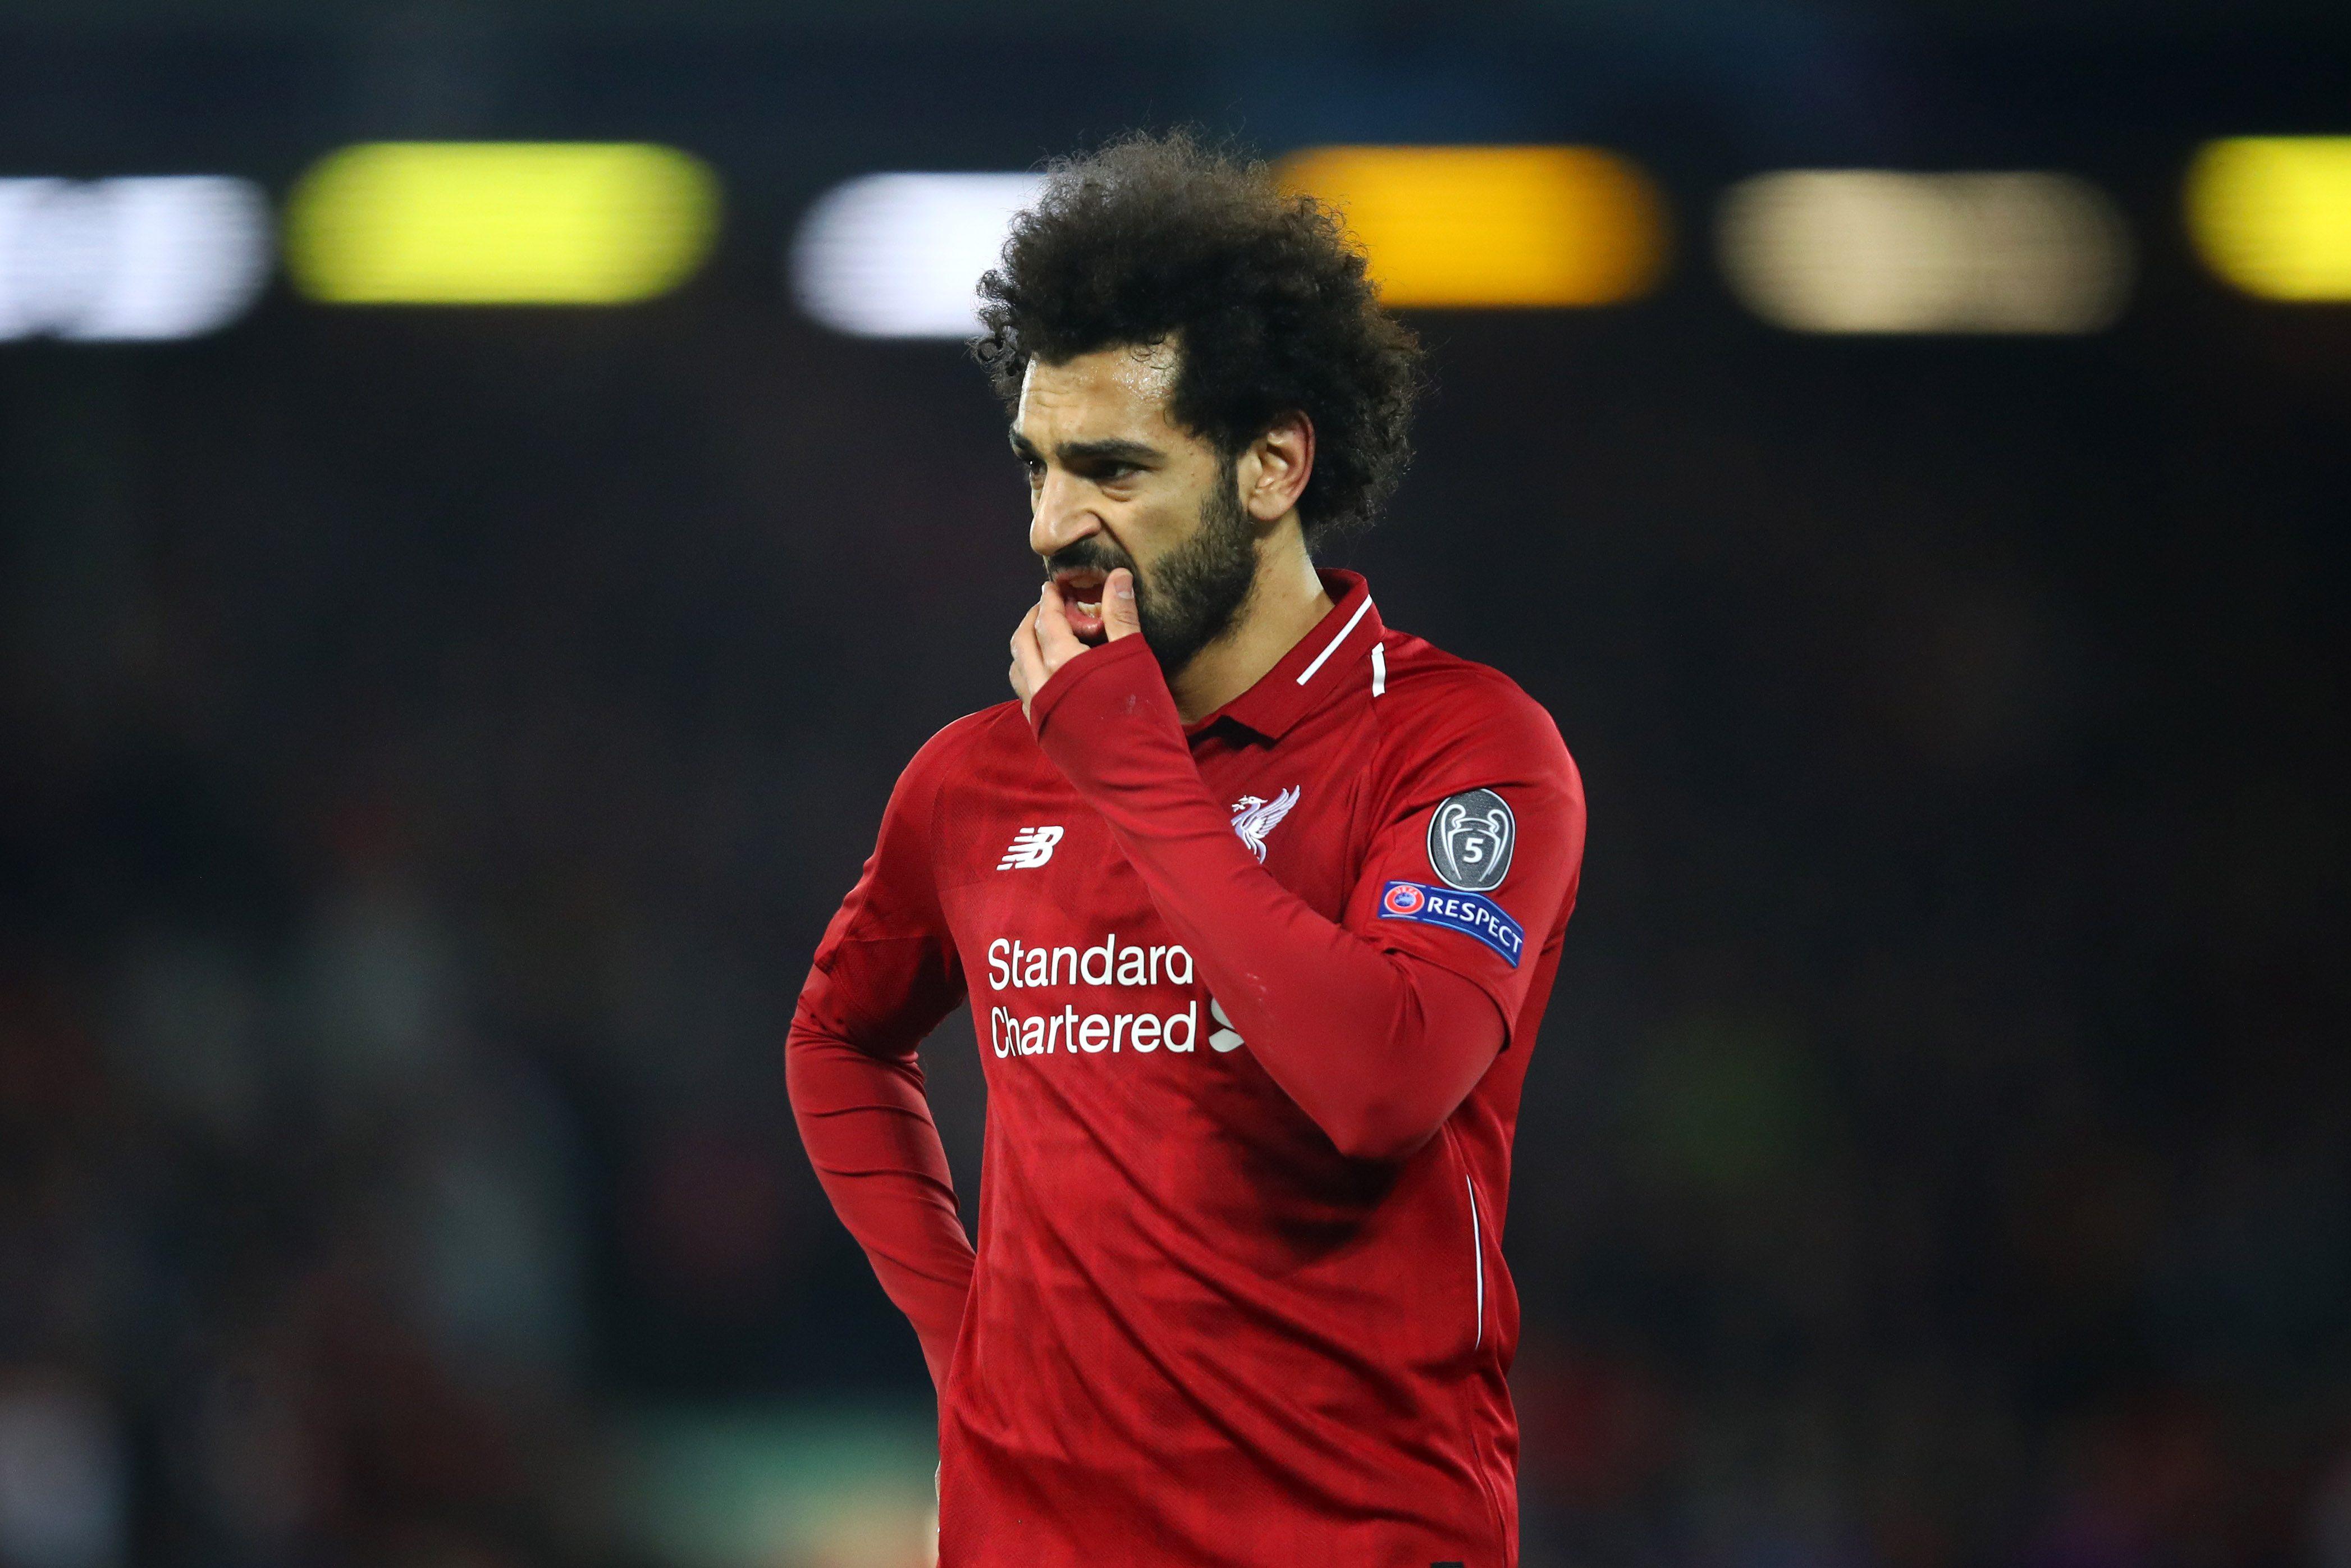 """Tifosi del Chelsea cantano: """"Salah bombarolo"""". Il Liverpool si arrabbia"""